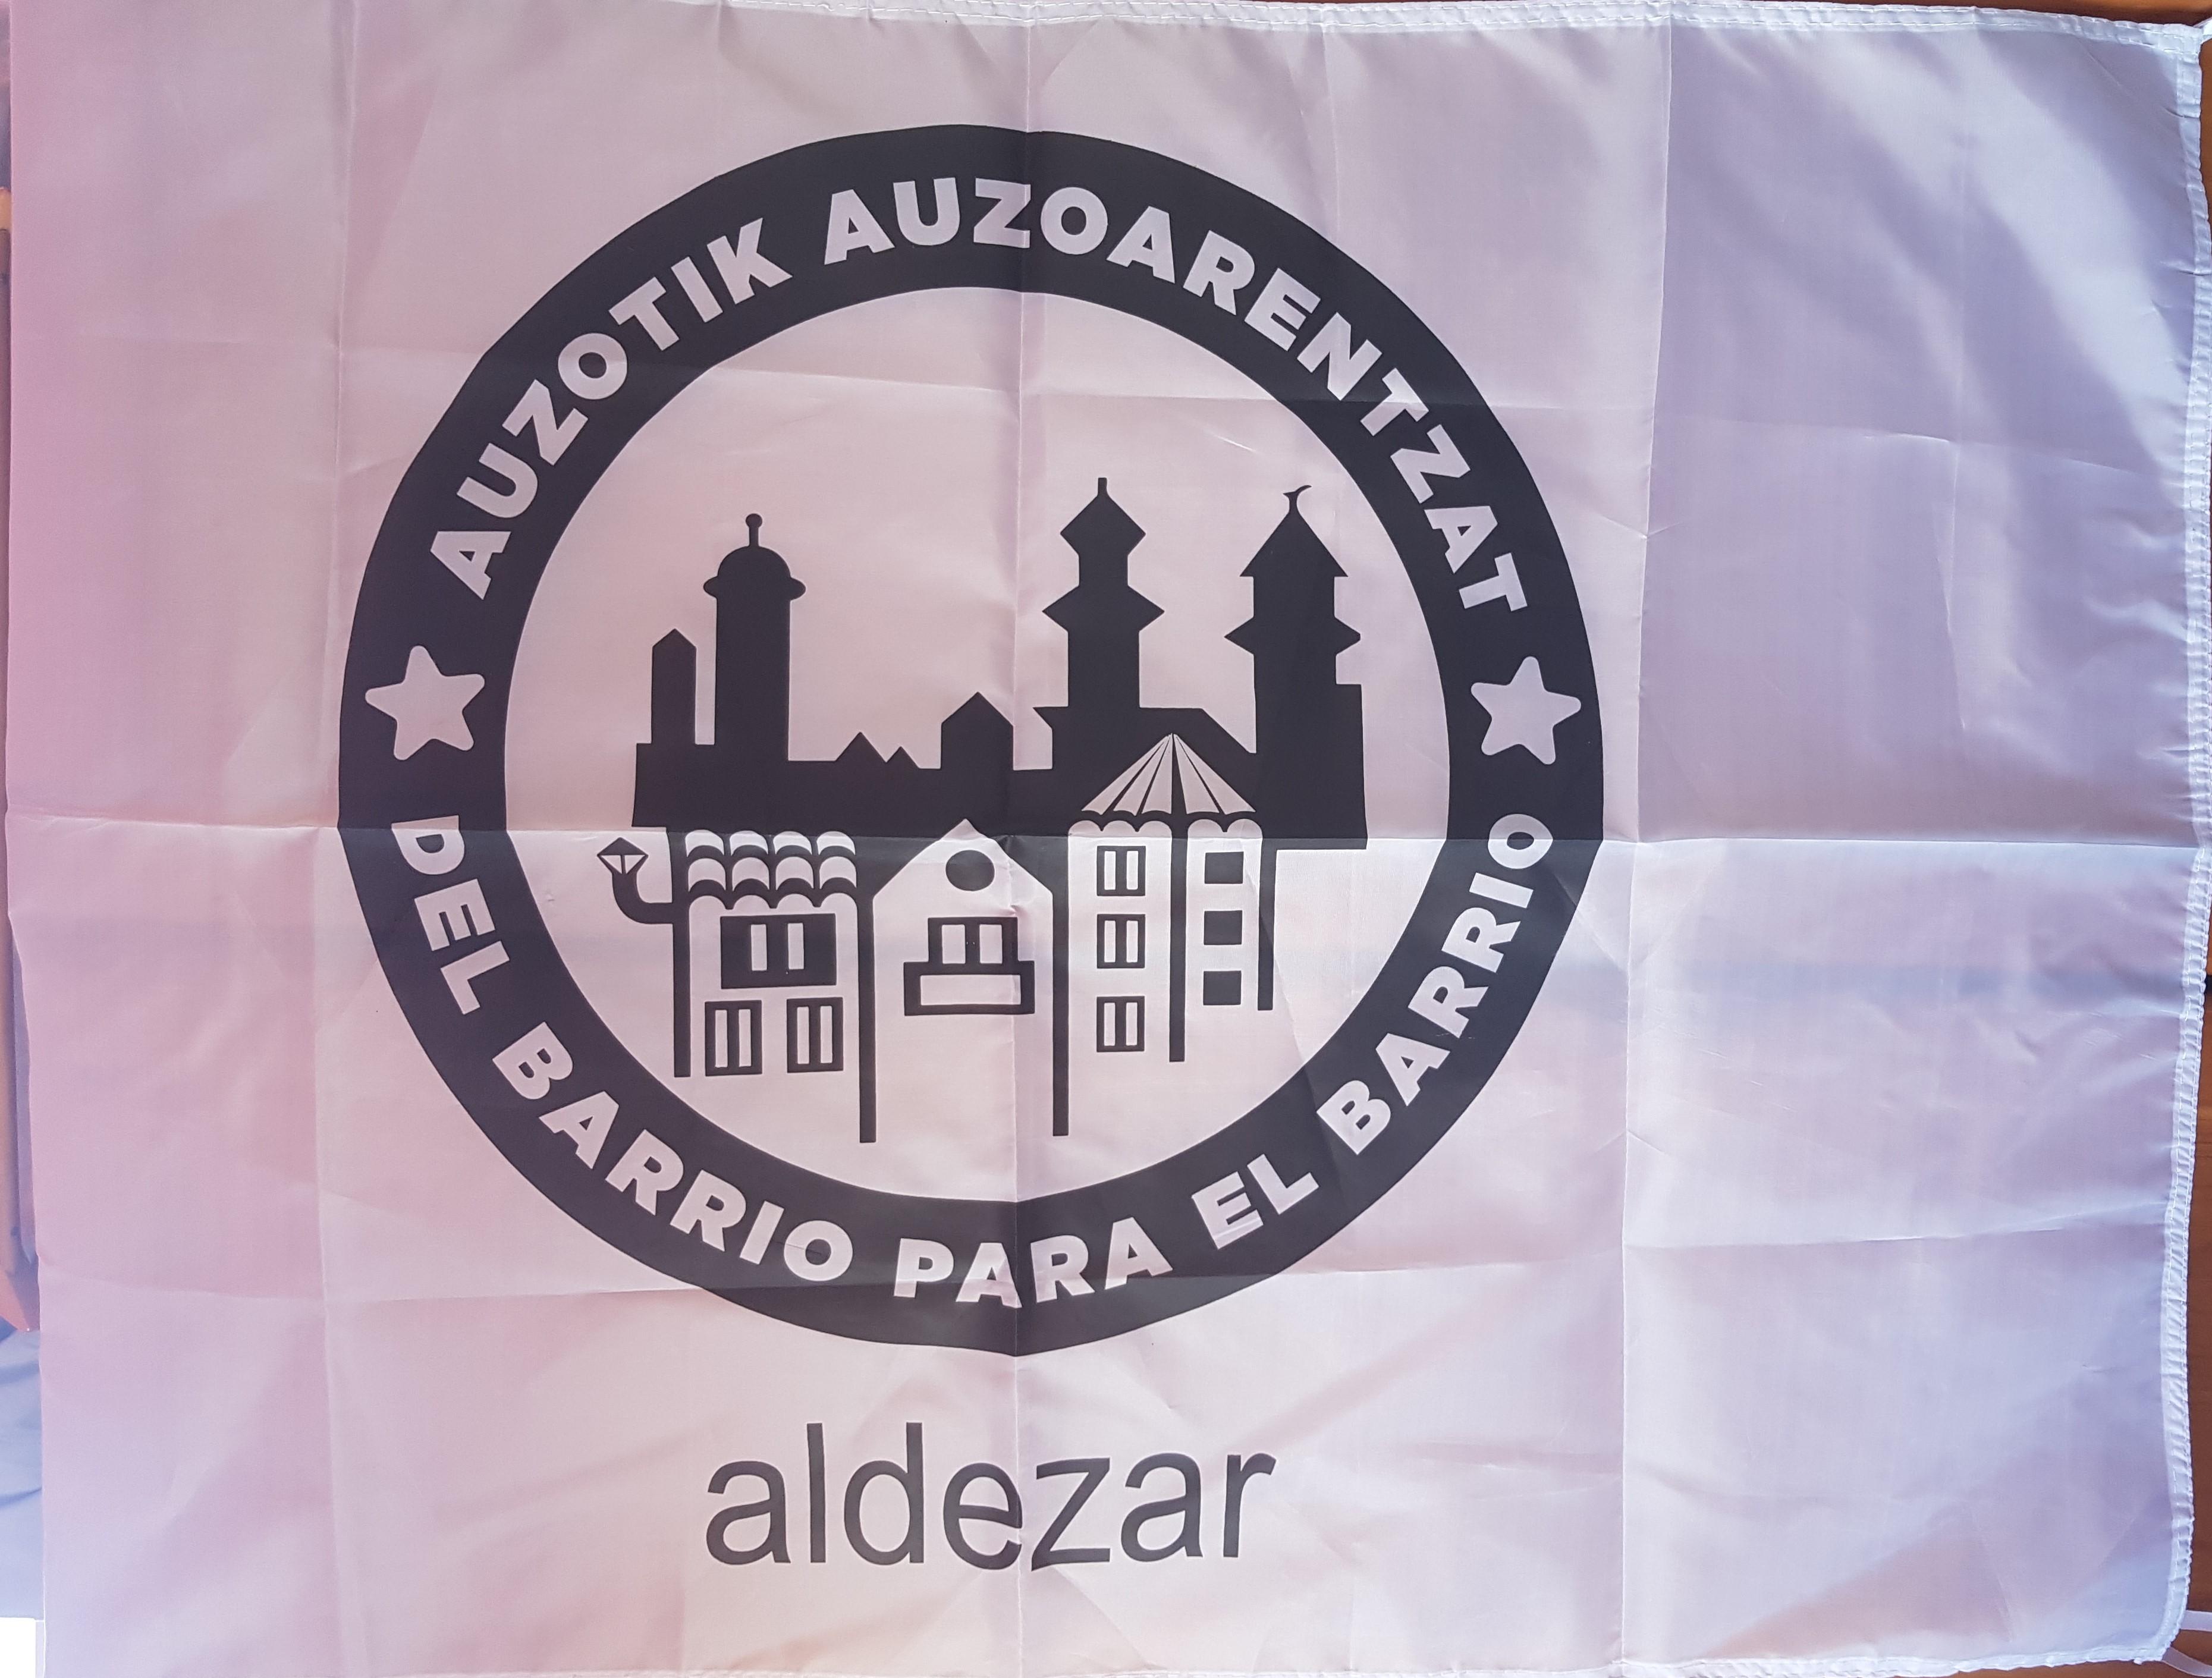 Aldezar_2020_bandeira